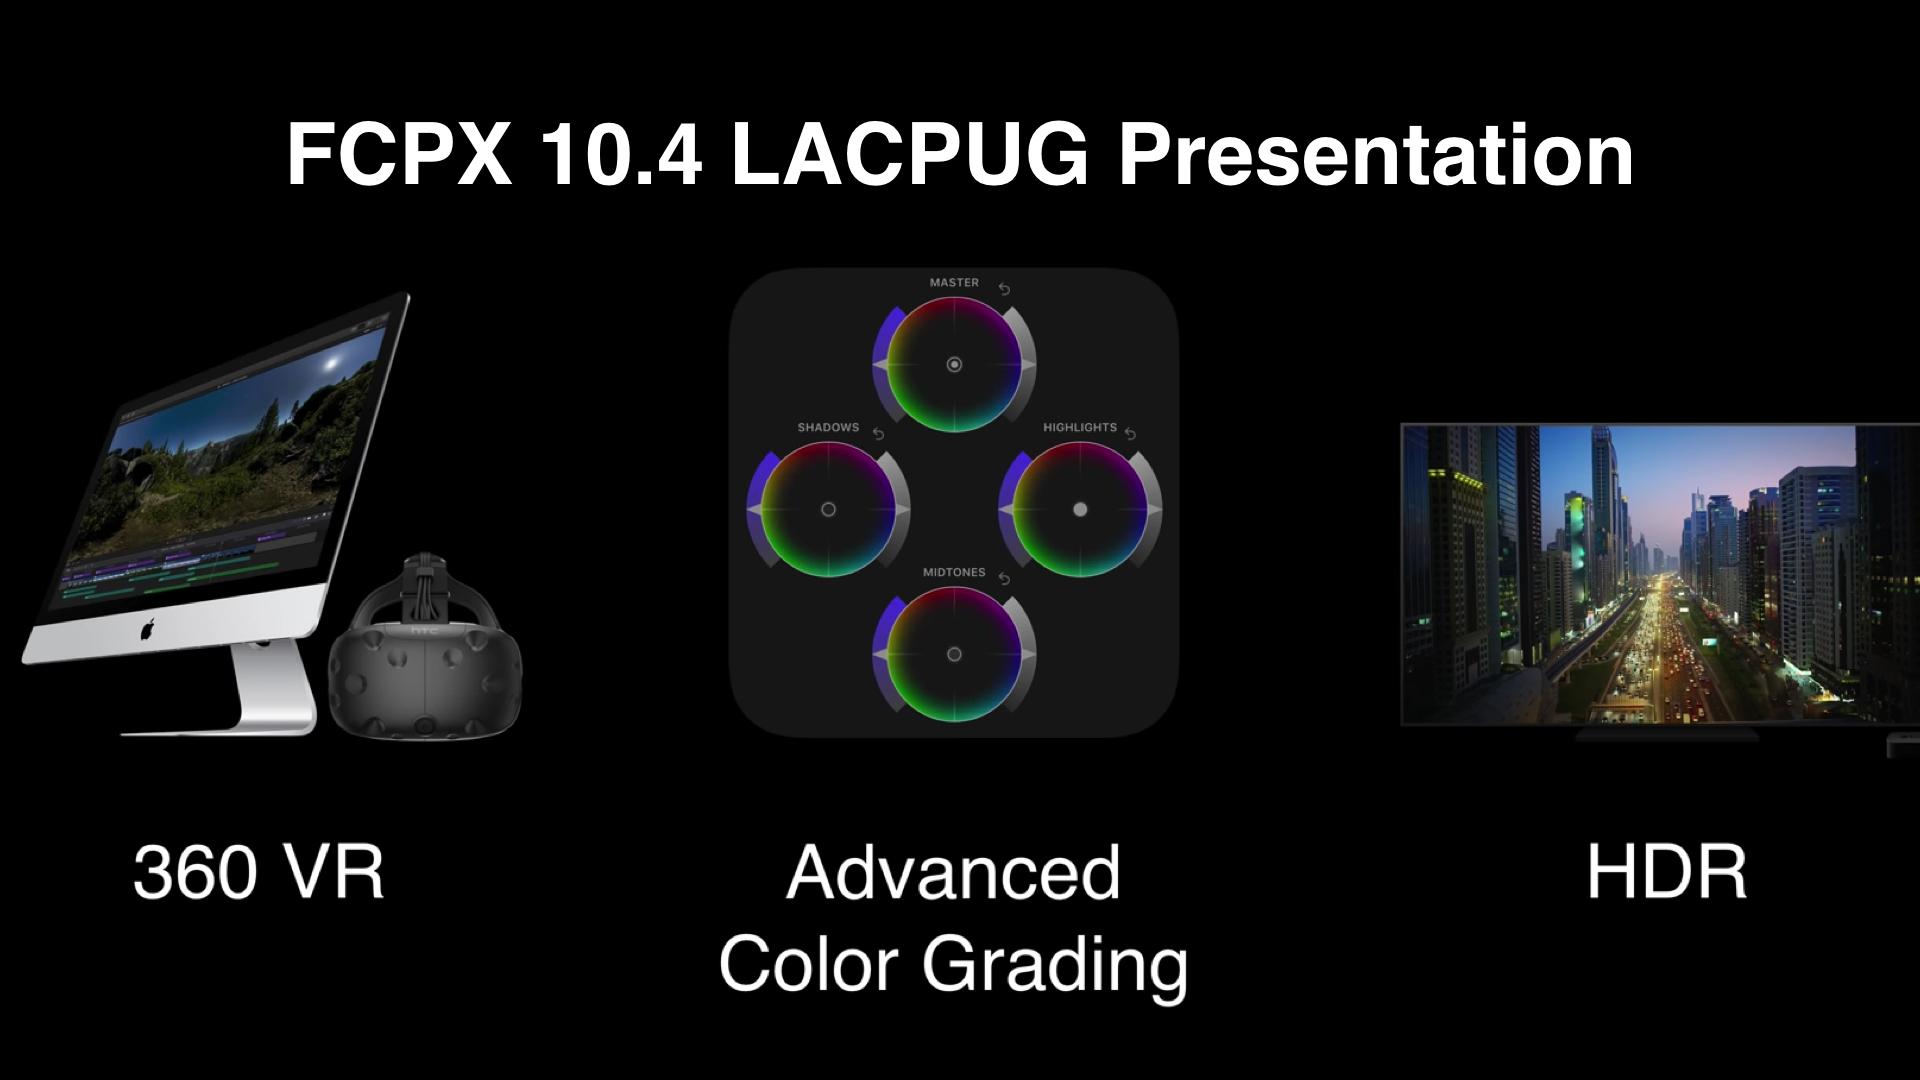 FCPX 10.4の新機能 - グレーディング、360°映像編集、HDR対応などを追加